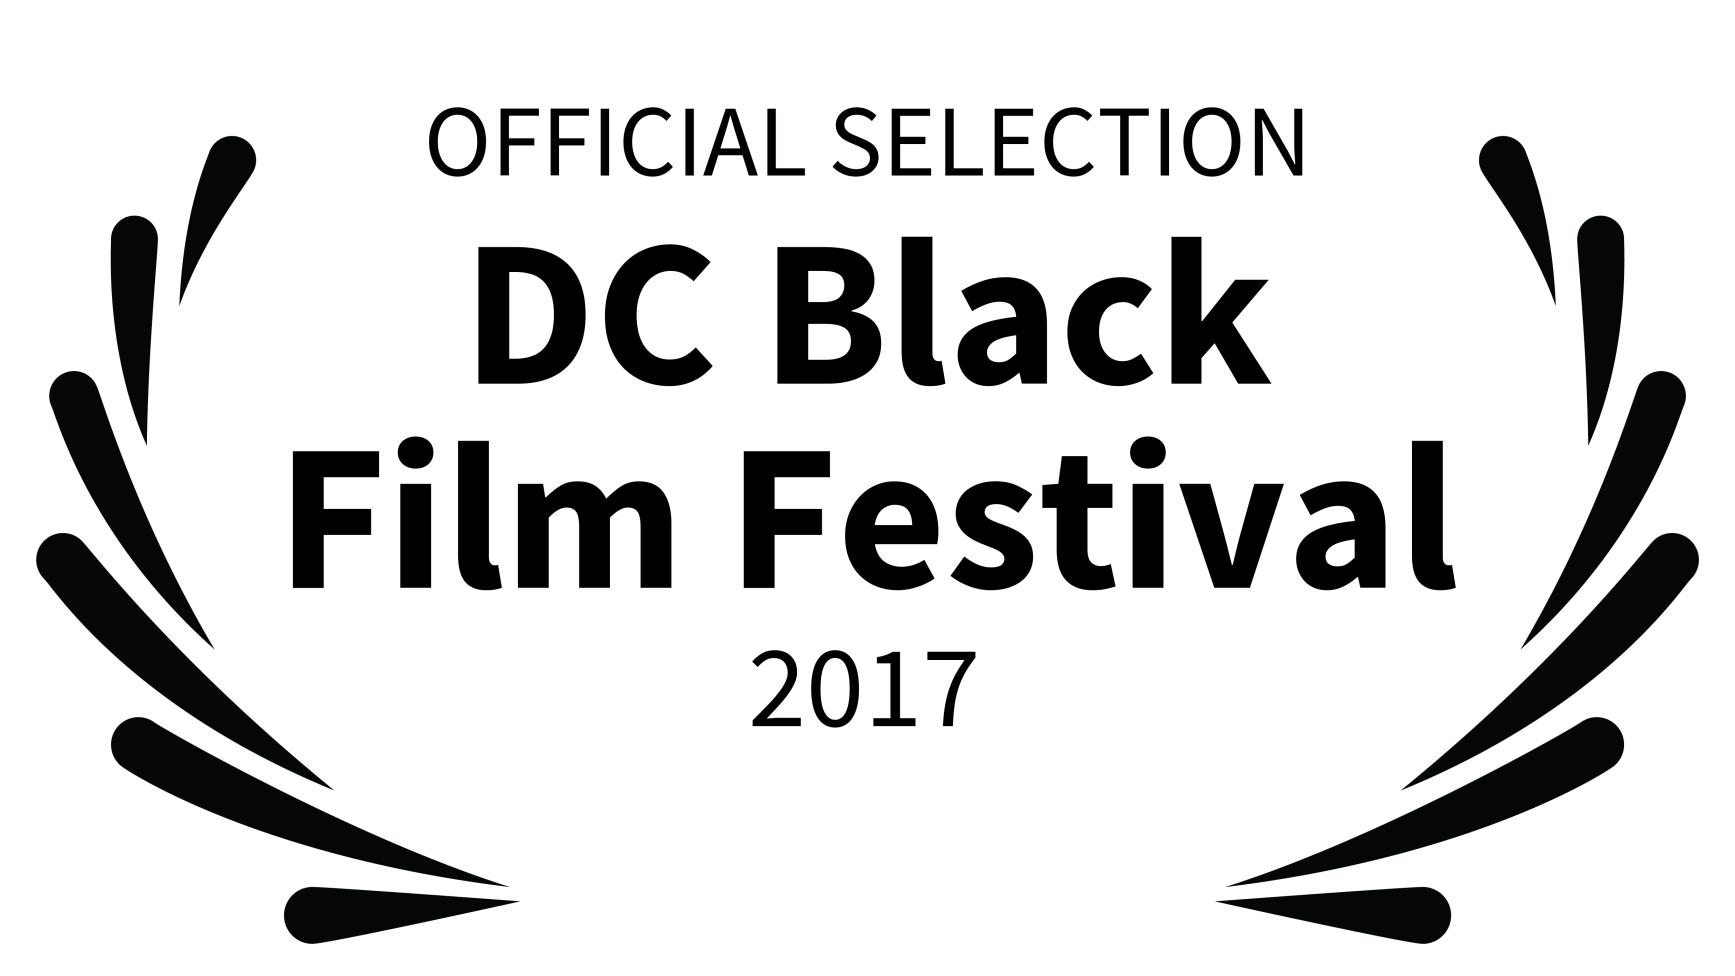 OFFICIAL SELECTION - DC Black Film Festival - 2017.jpg